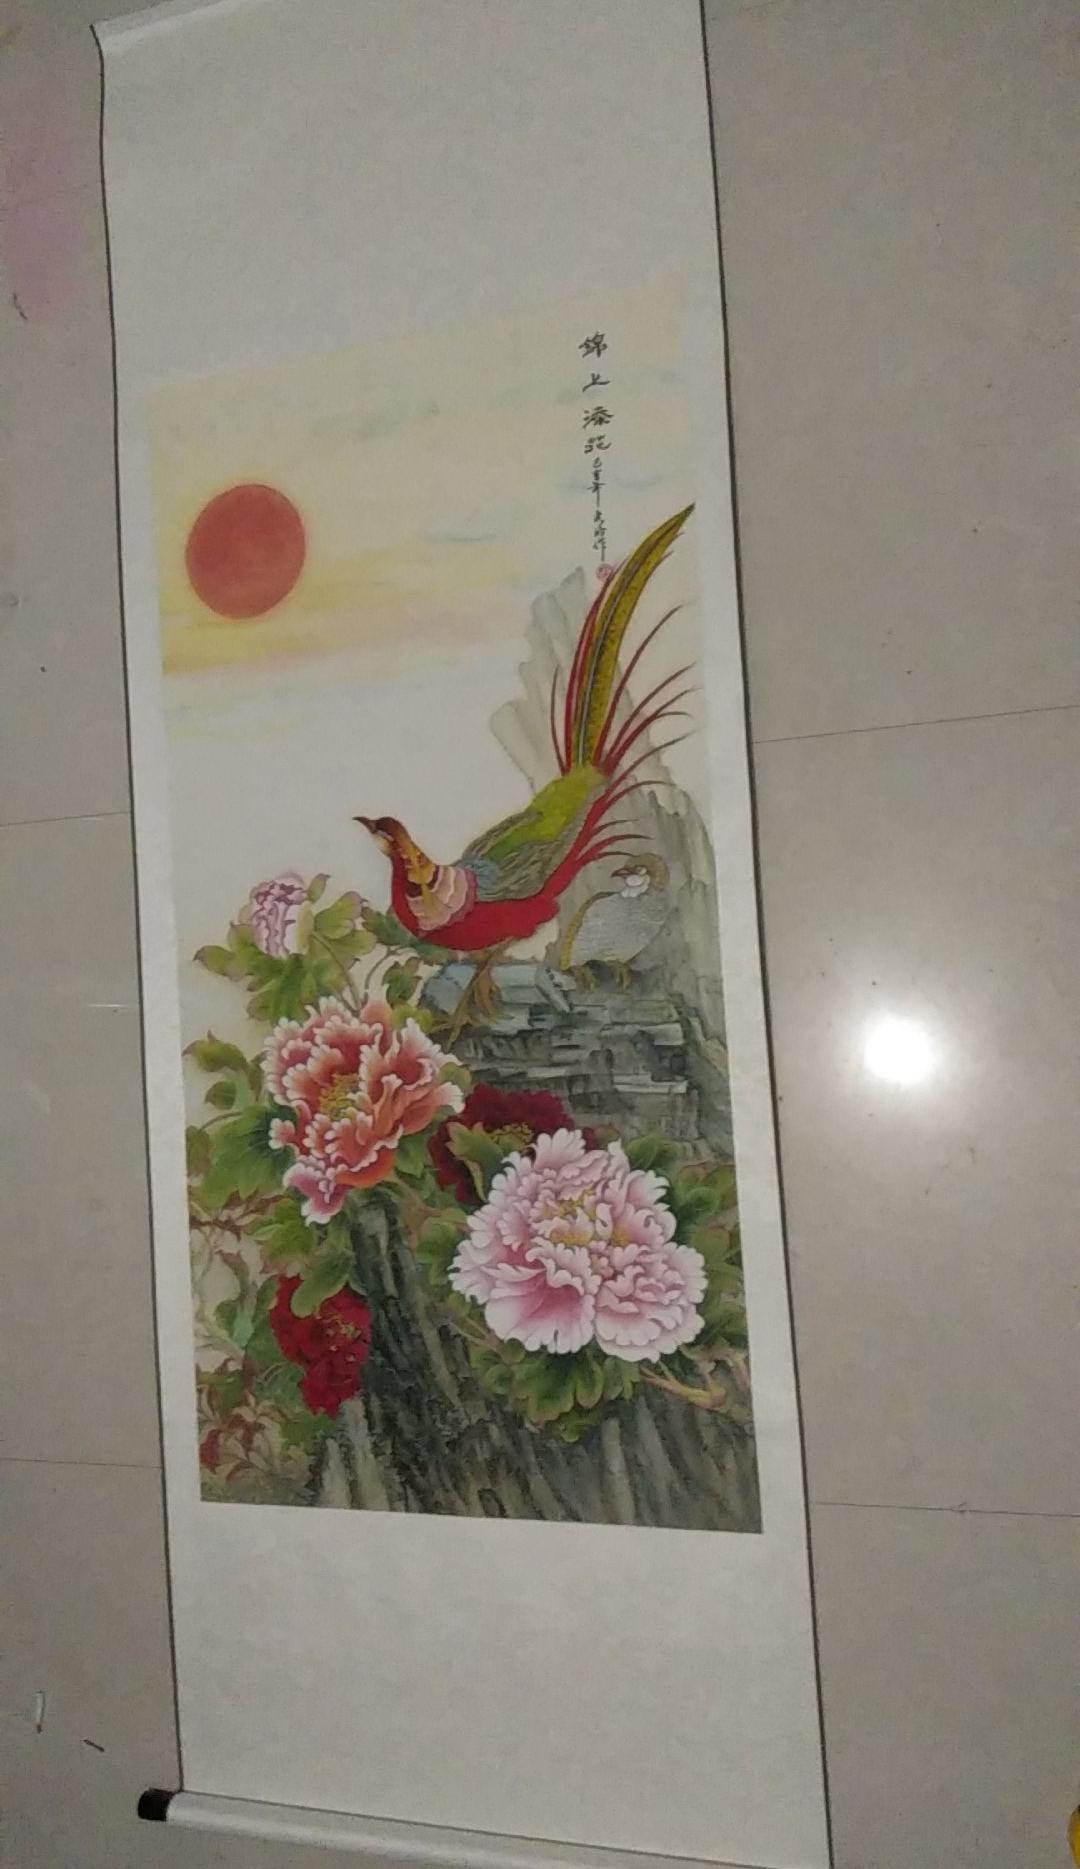 宋秀灵花鸟画作品《锦上添花》